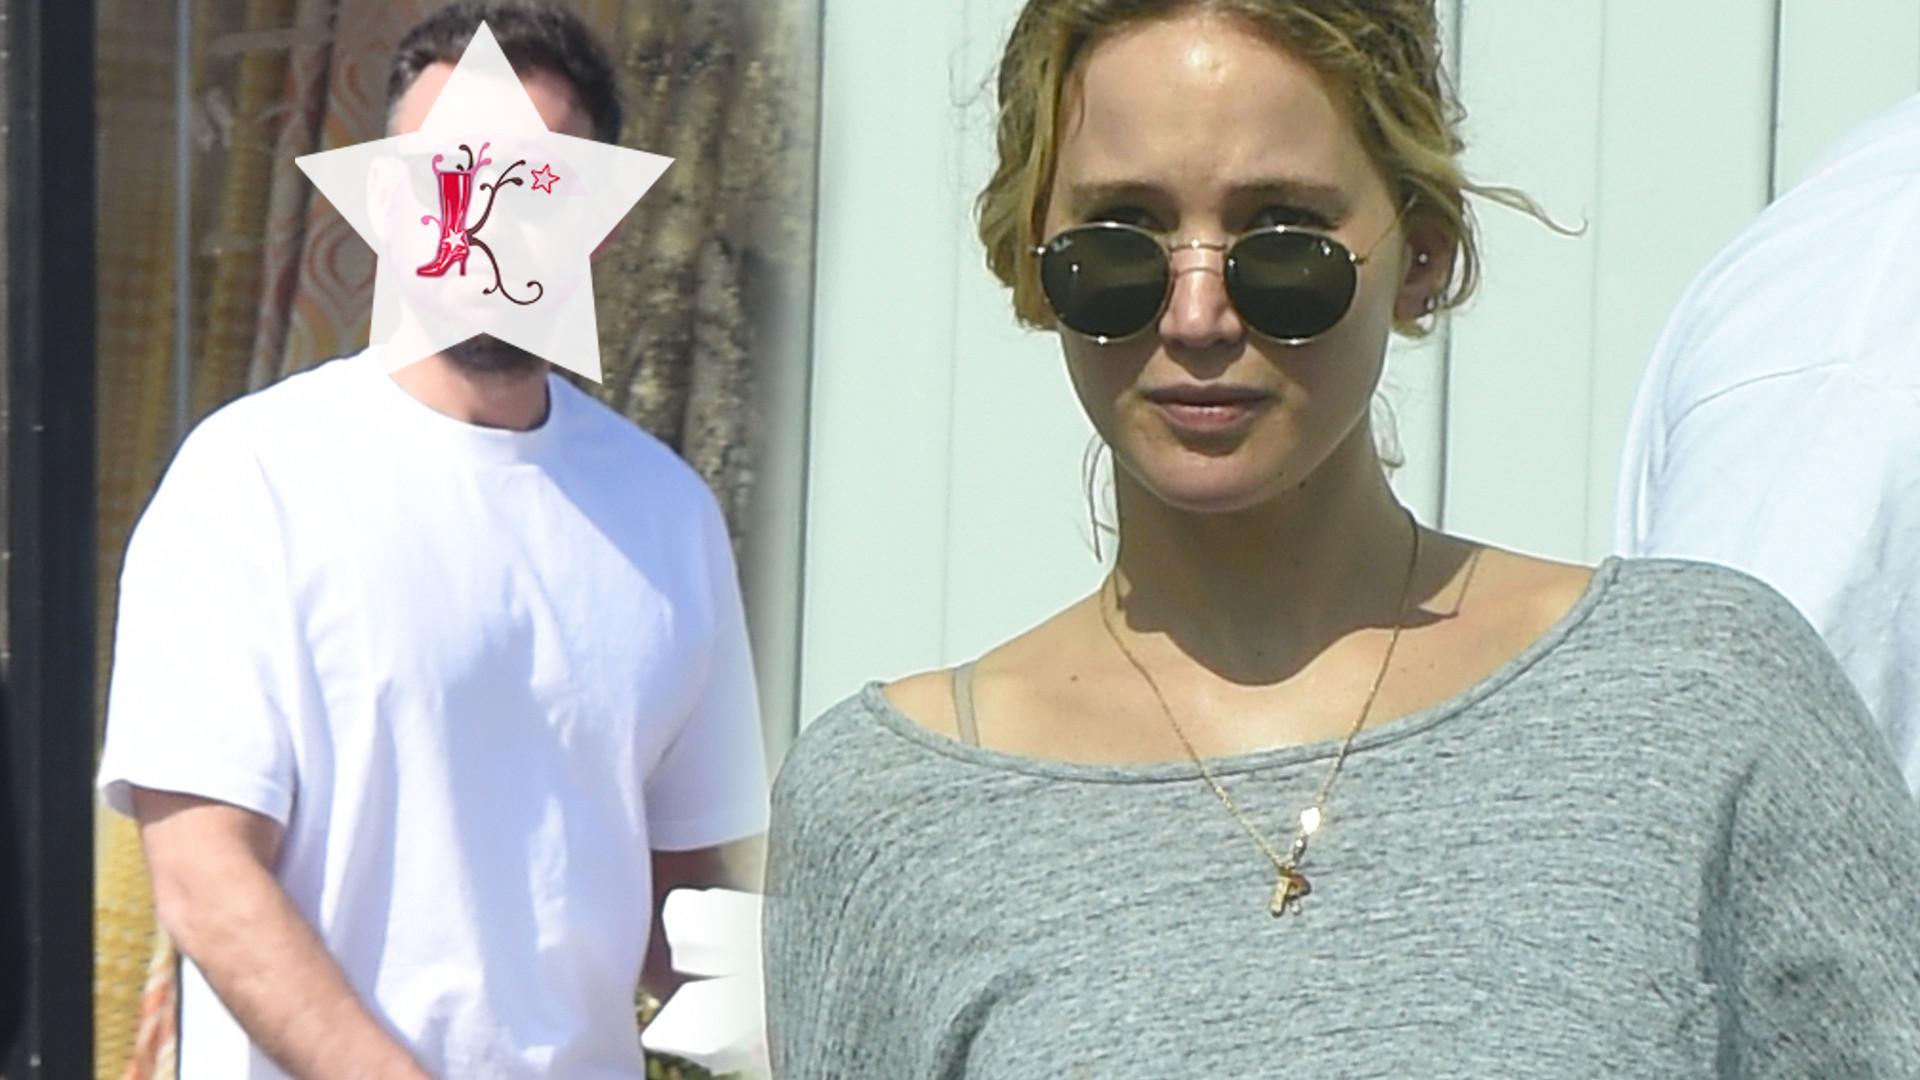 Mamy zdjęcia Jennifer Lawrence  z jej chłopakiem, Cooke Maroneyem: kim on jest?